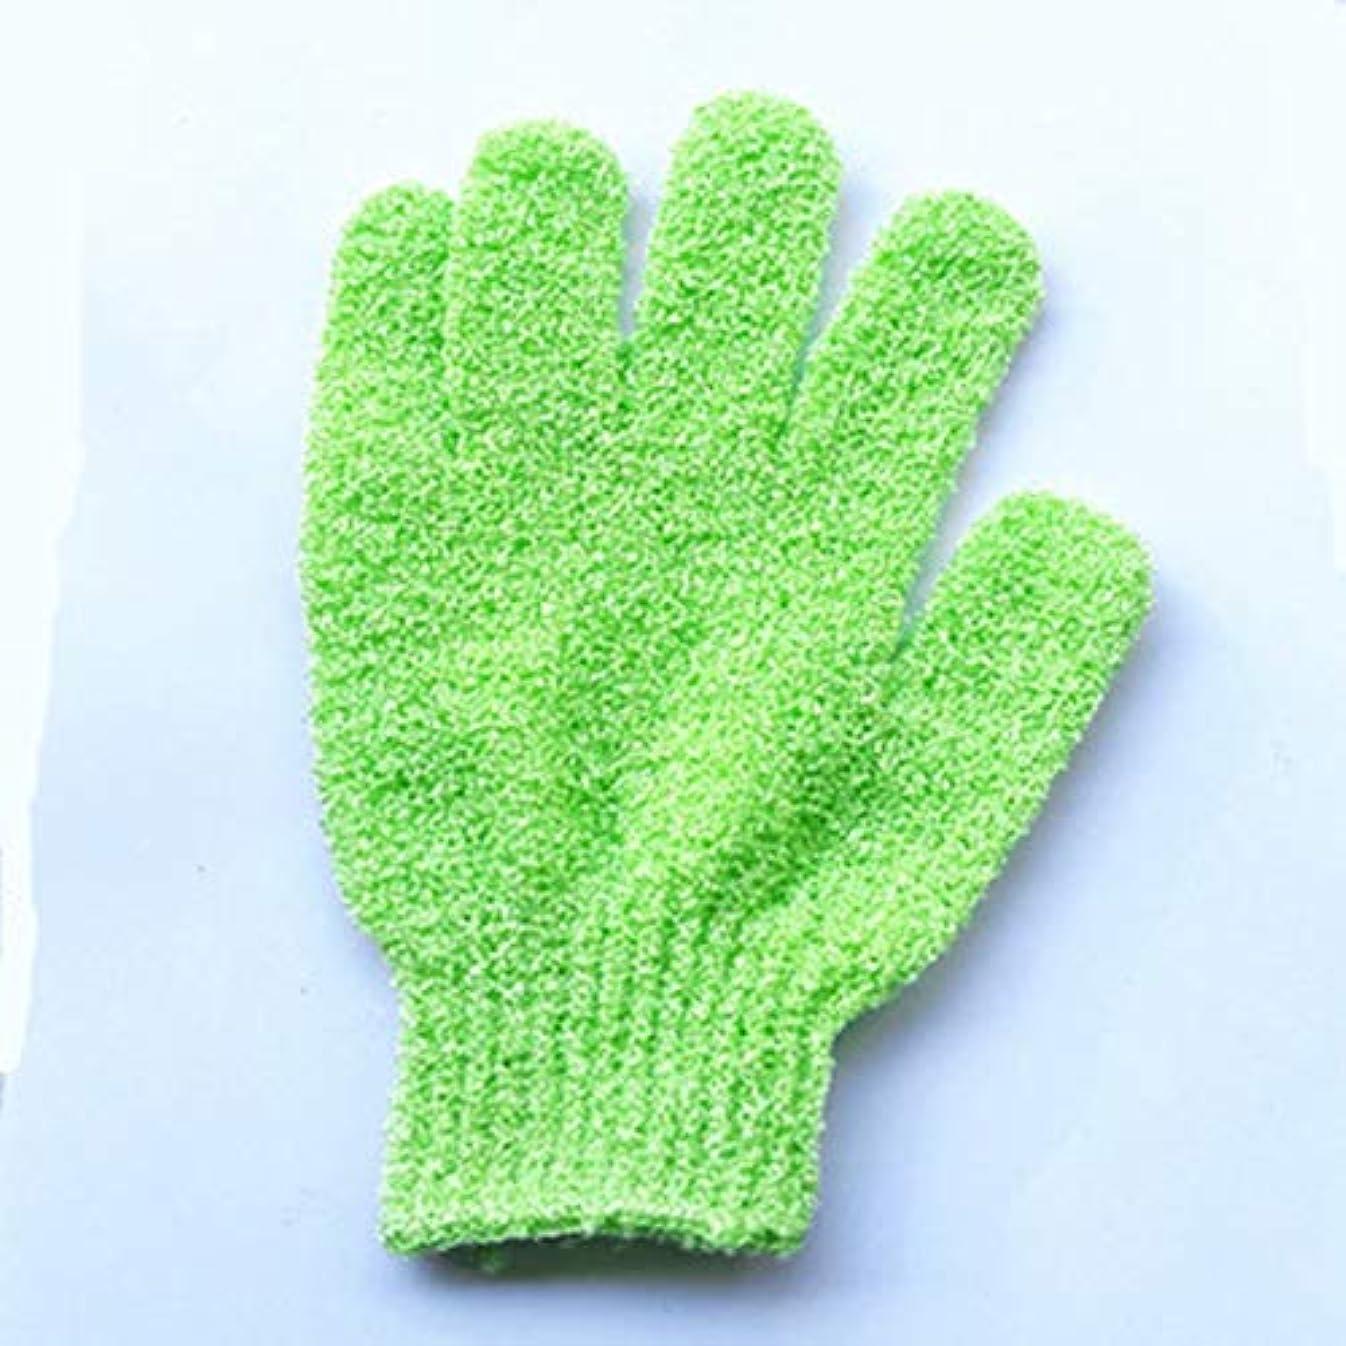 乳剤ゼリーみがきます子供用バスタオルの色ソフトバブルバスタオルバス製品耐久性のある実用的で快適なバスバッククリーン-グリーン